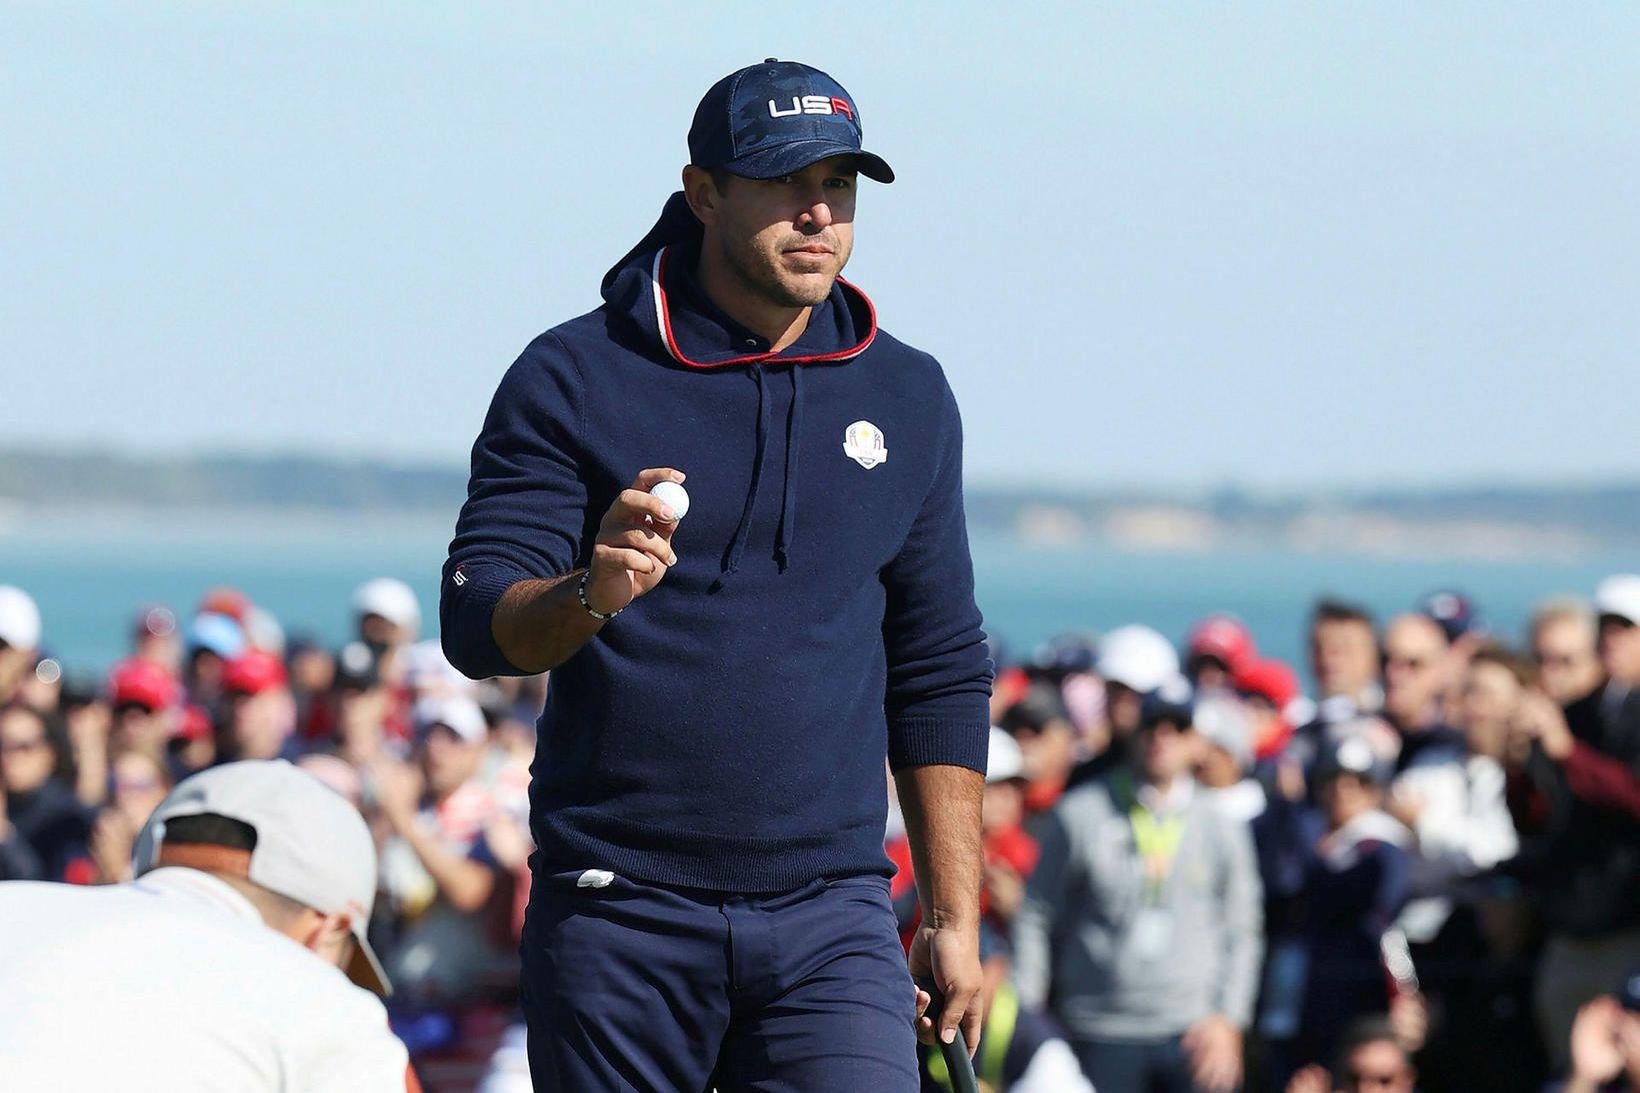 Brooks Koepka hefur fjórum sinnum sigrað á risamótunum í golfi.